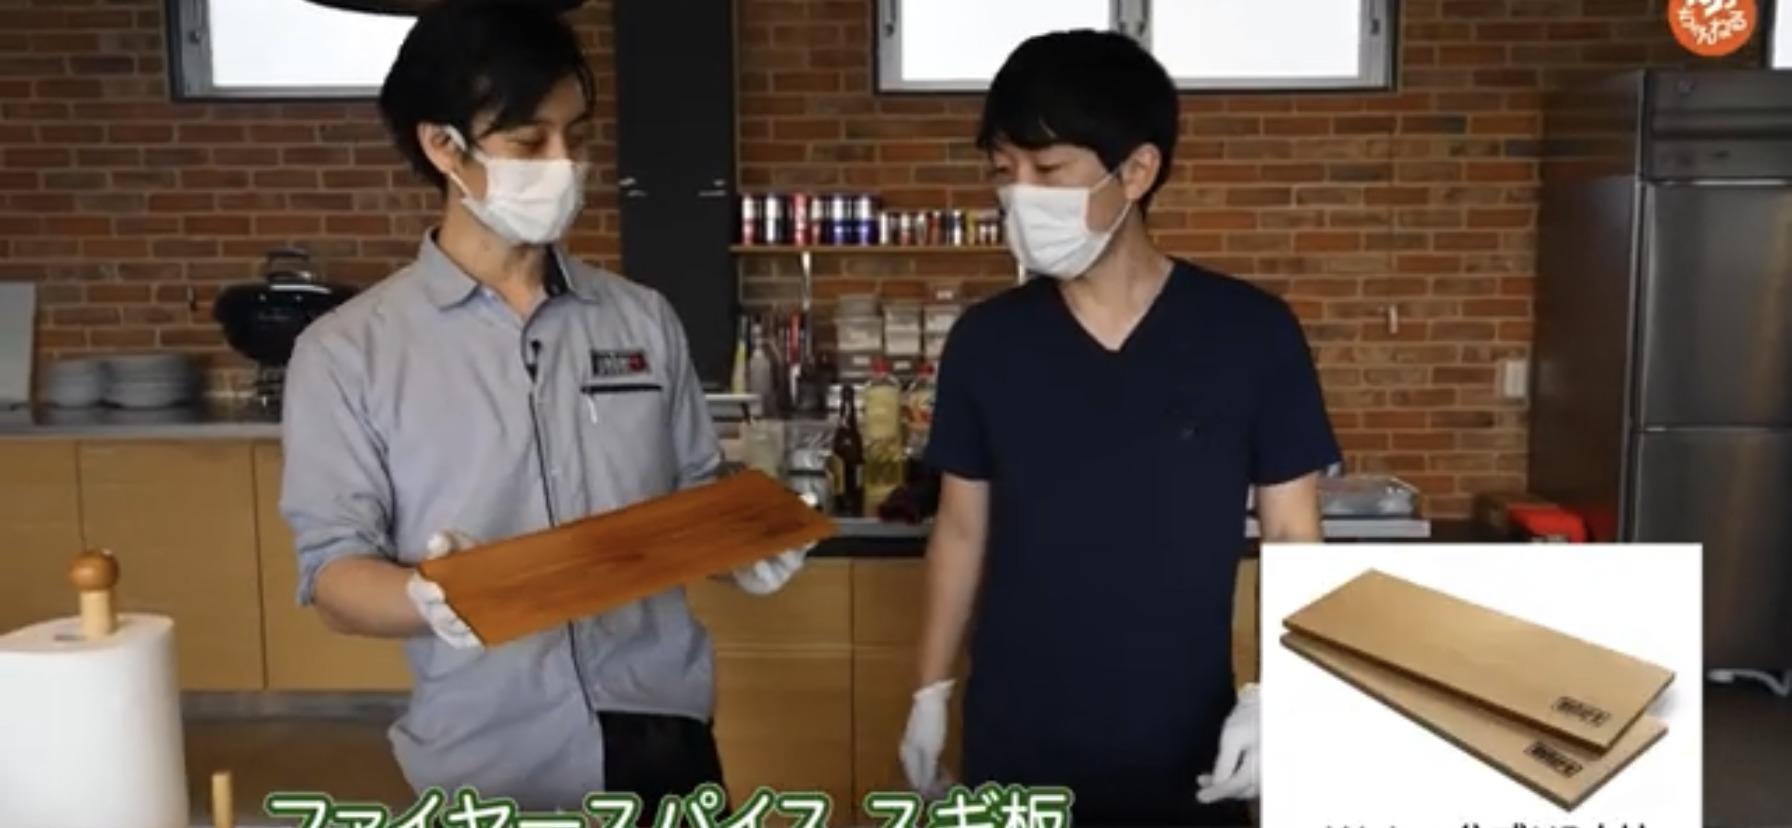 【BBQレシピ】シダープランクサーモン ファイヤースパイス スギ板